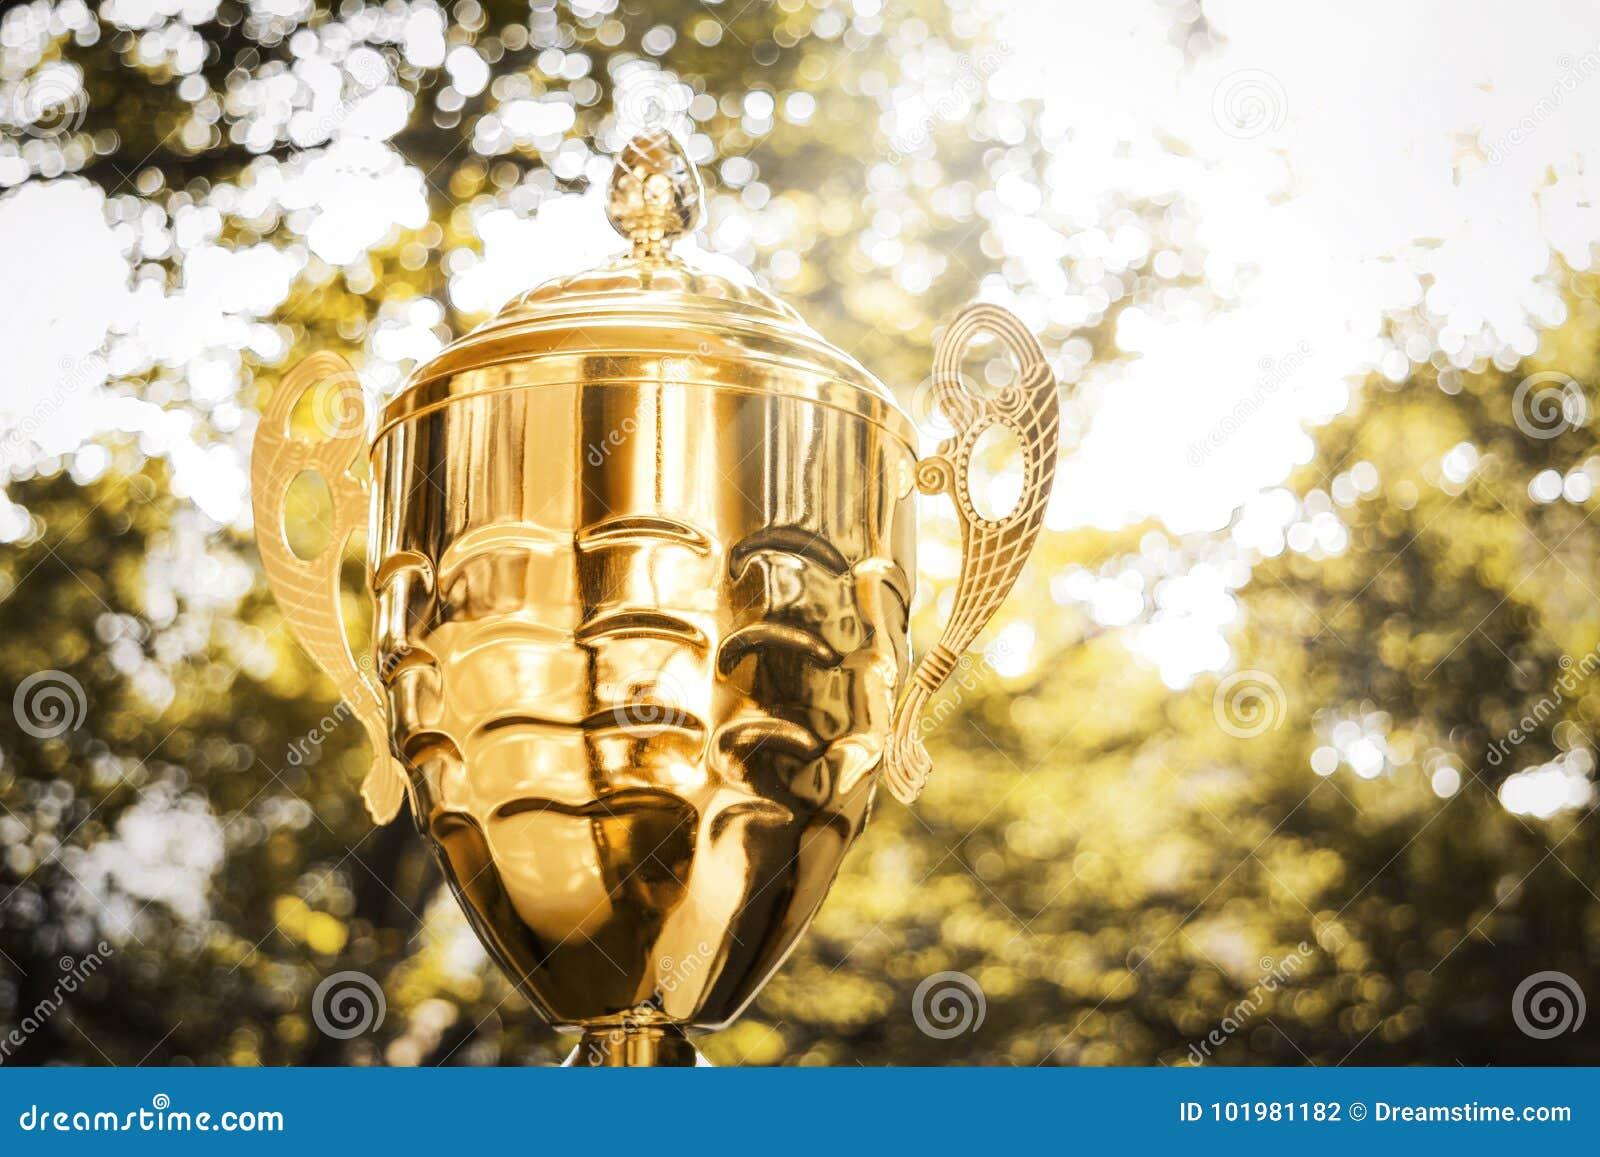 Trophée d or